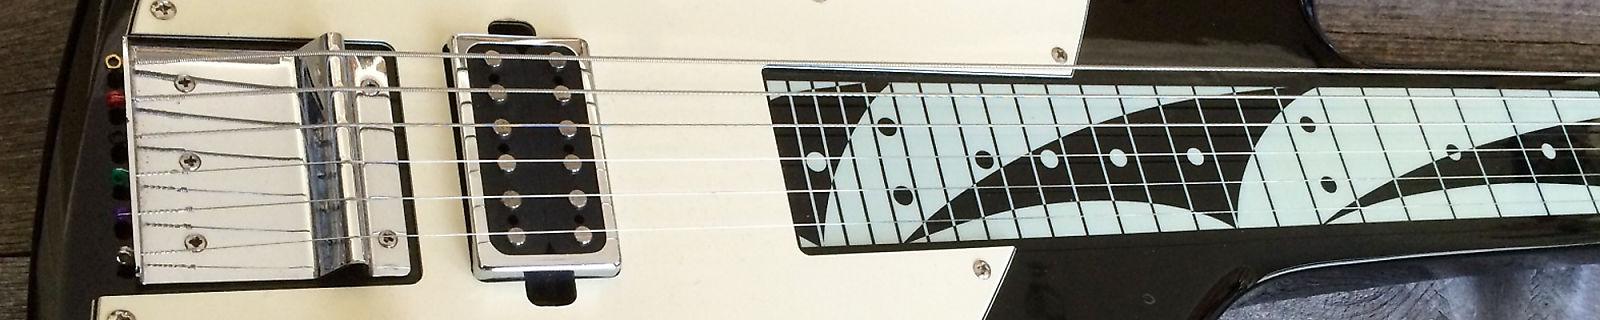 peavey power slide upright lap steel guitar reverb. Black Bedroom Furniture Sets. Home Design Ideas